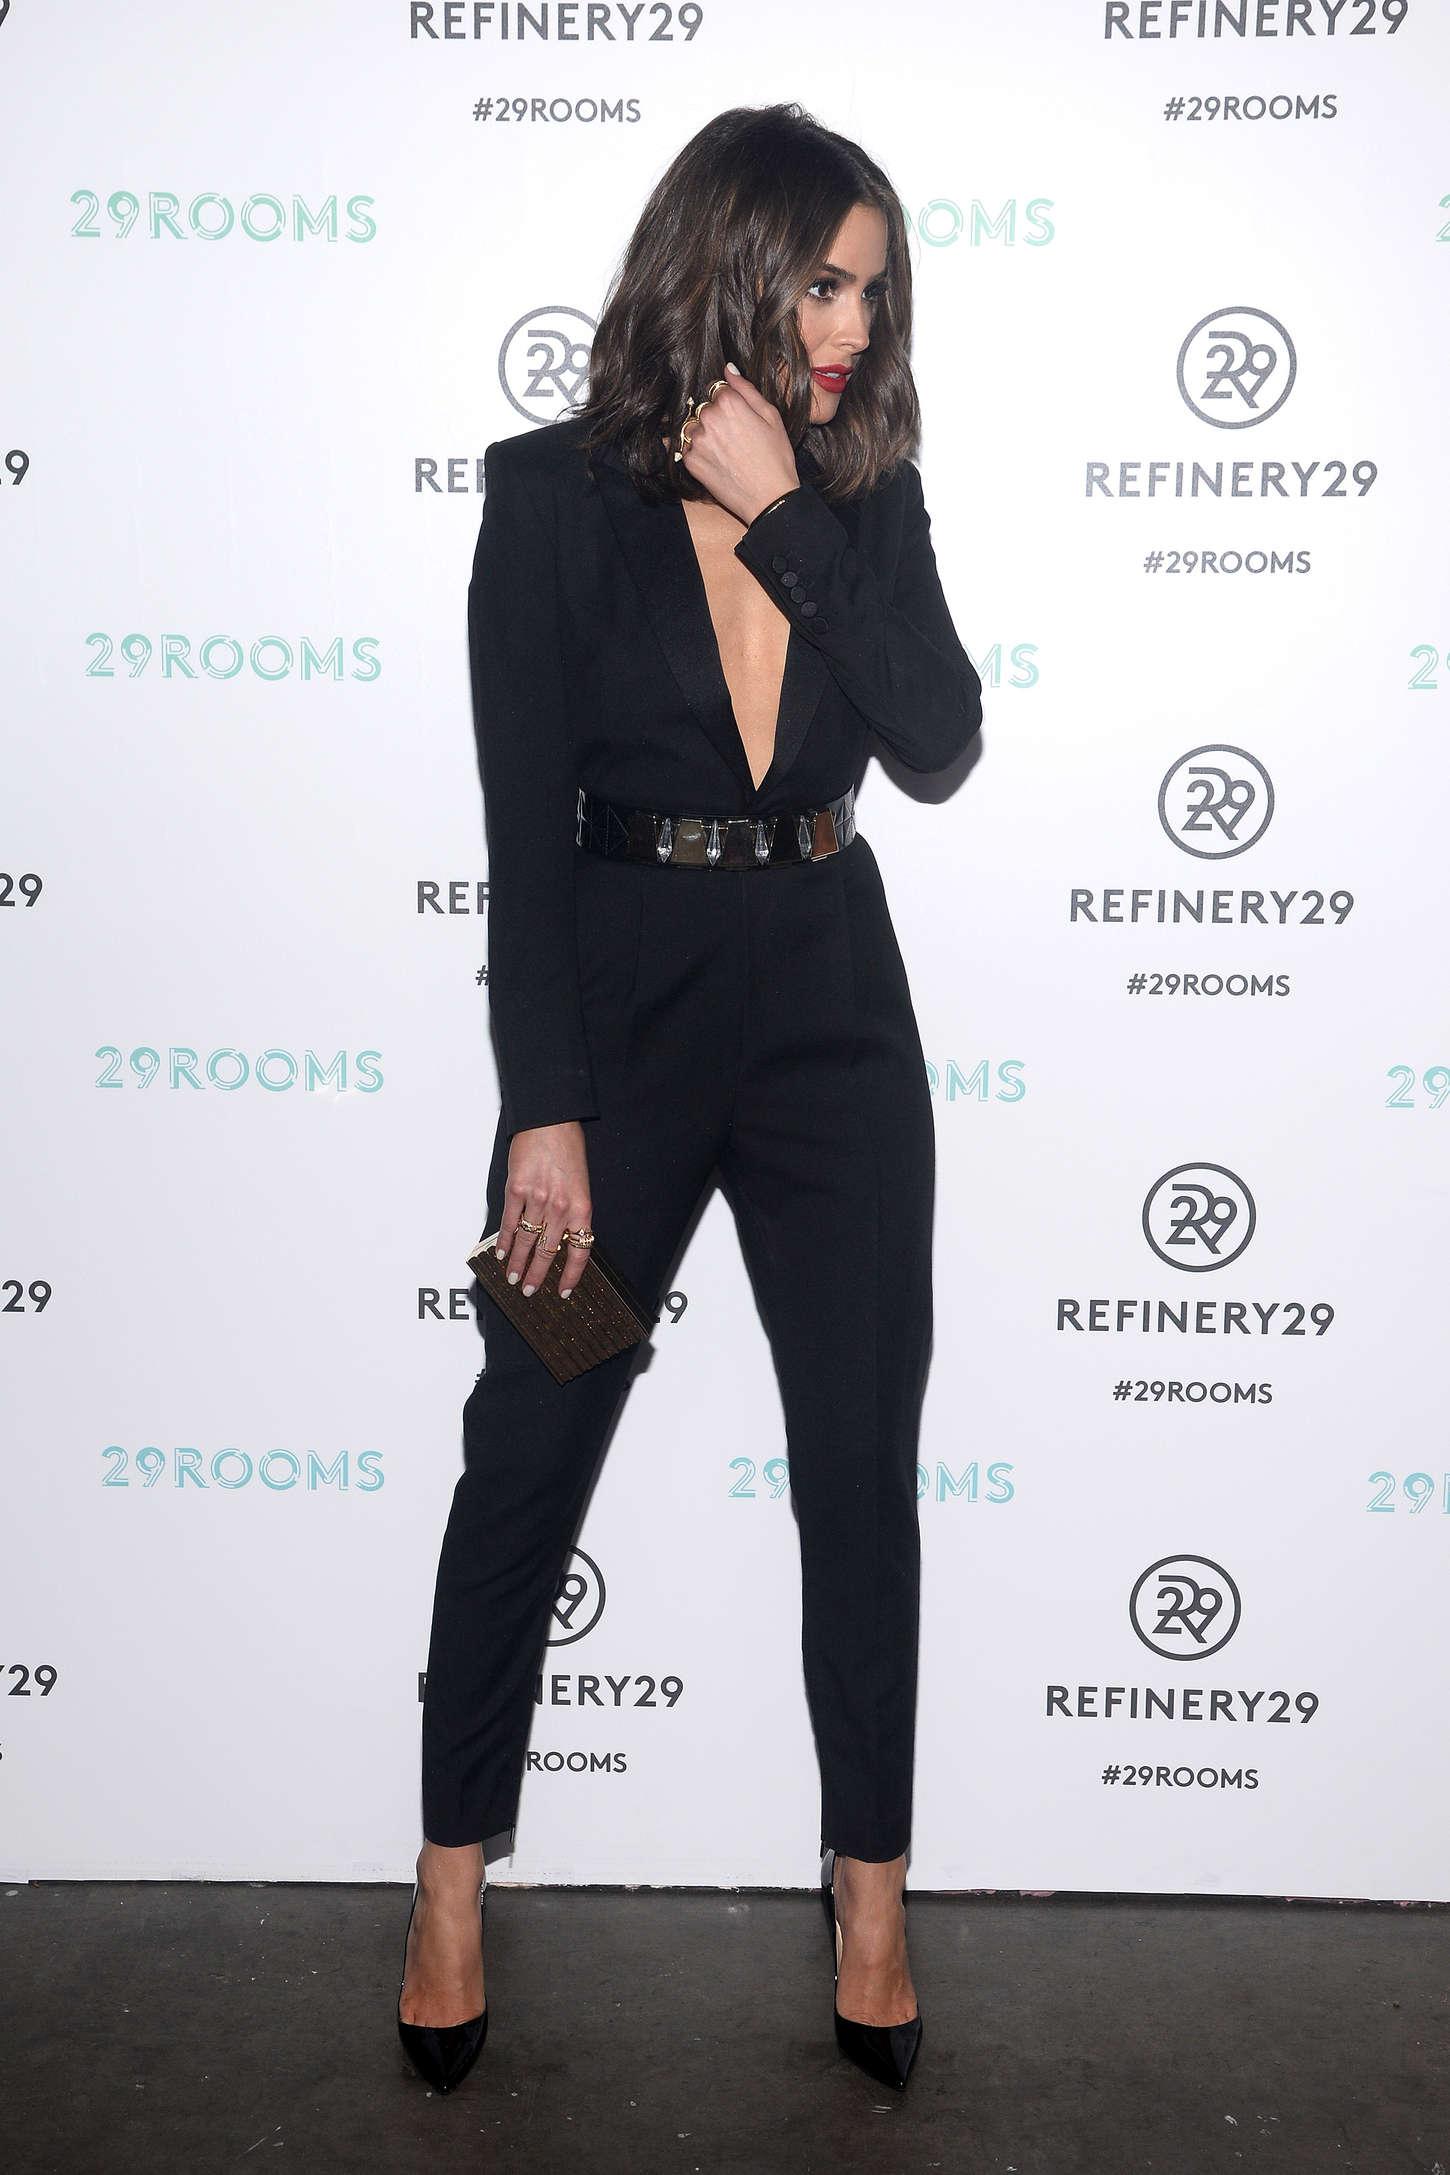 Olivia Culpo 2015 : Olivia Culpo: Refinery29 Presents 29Room -24